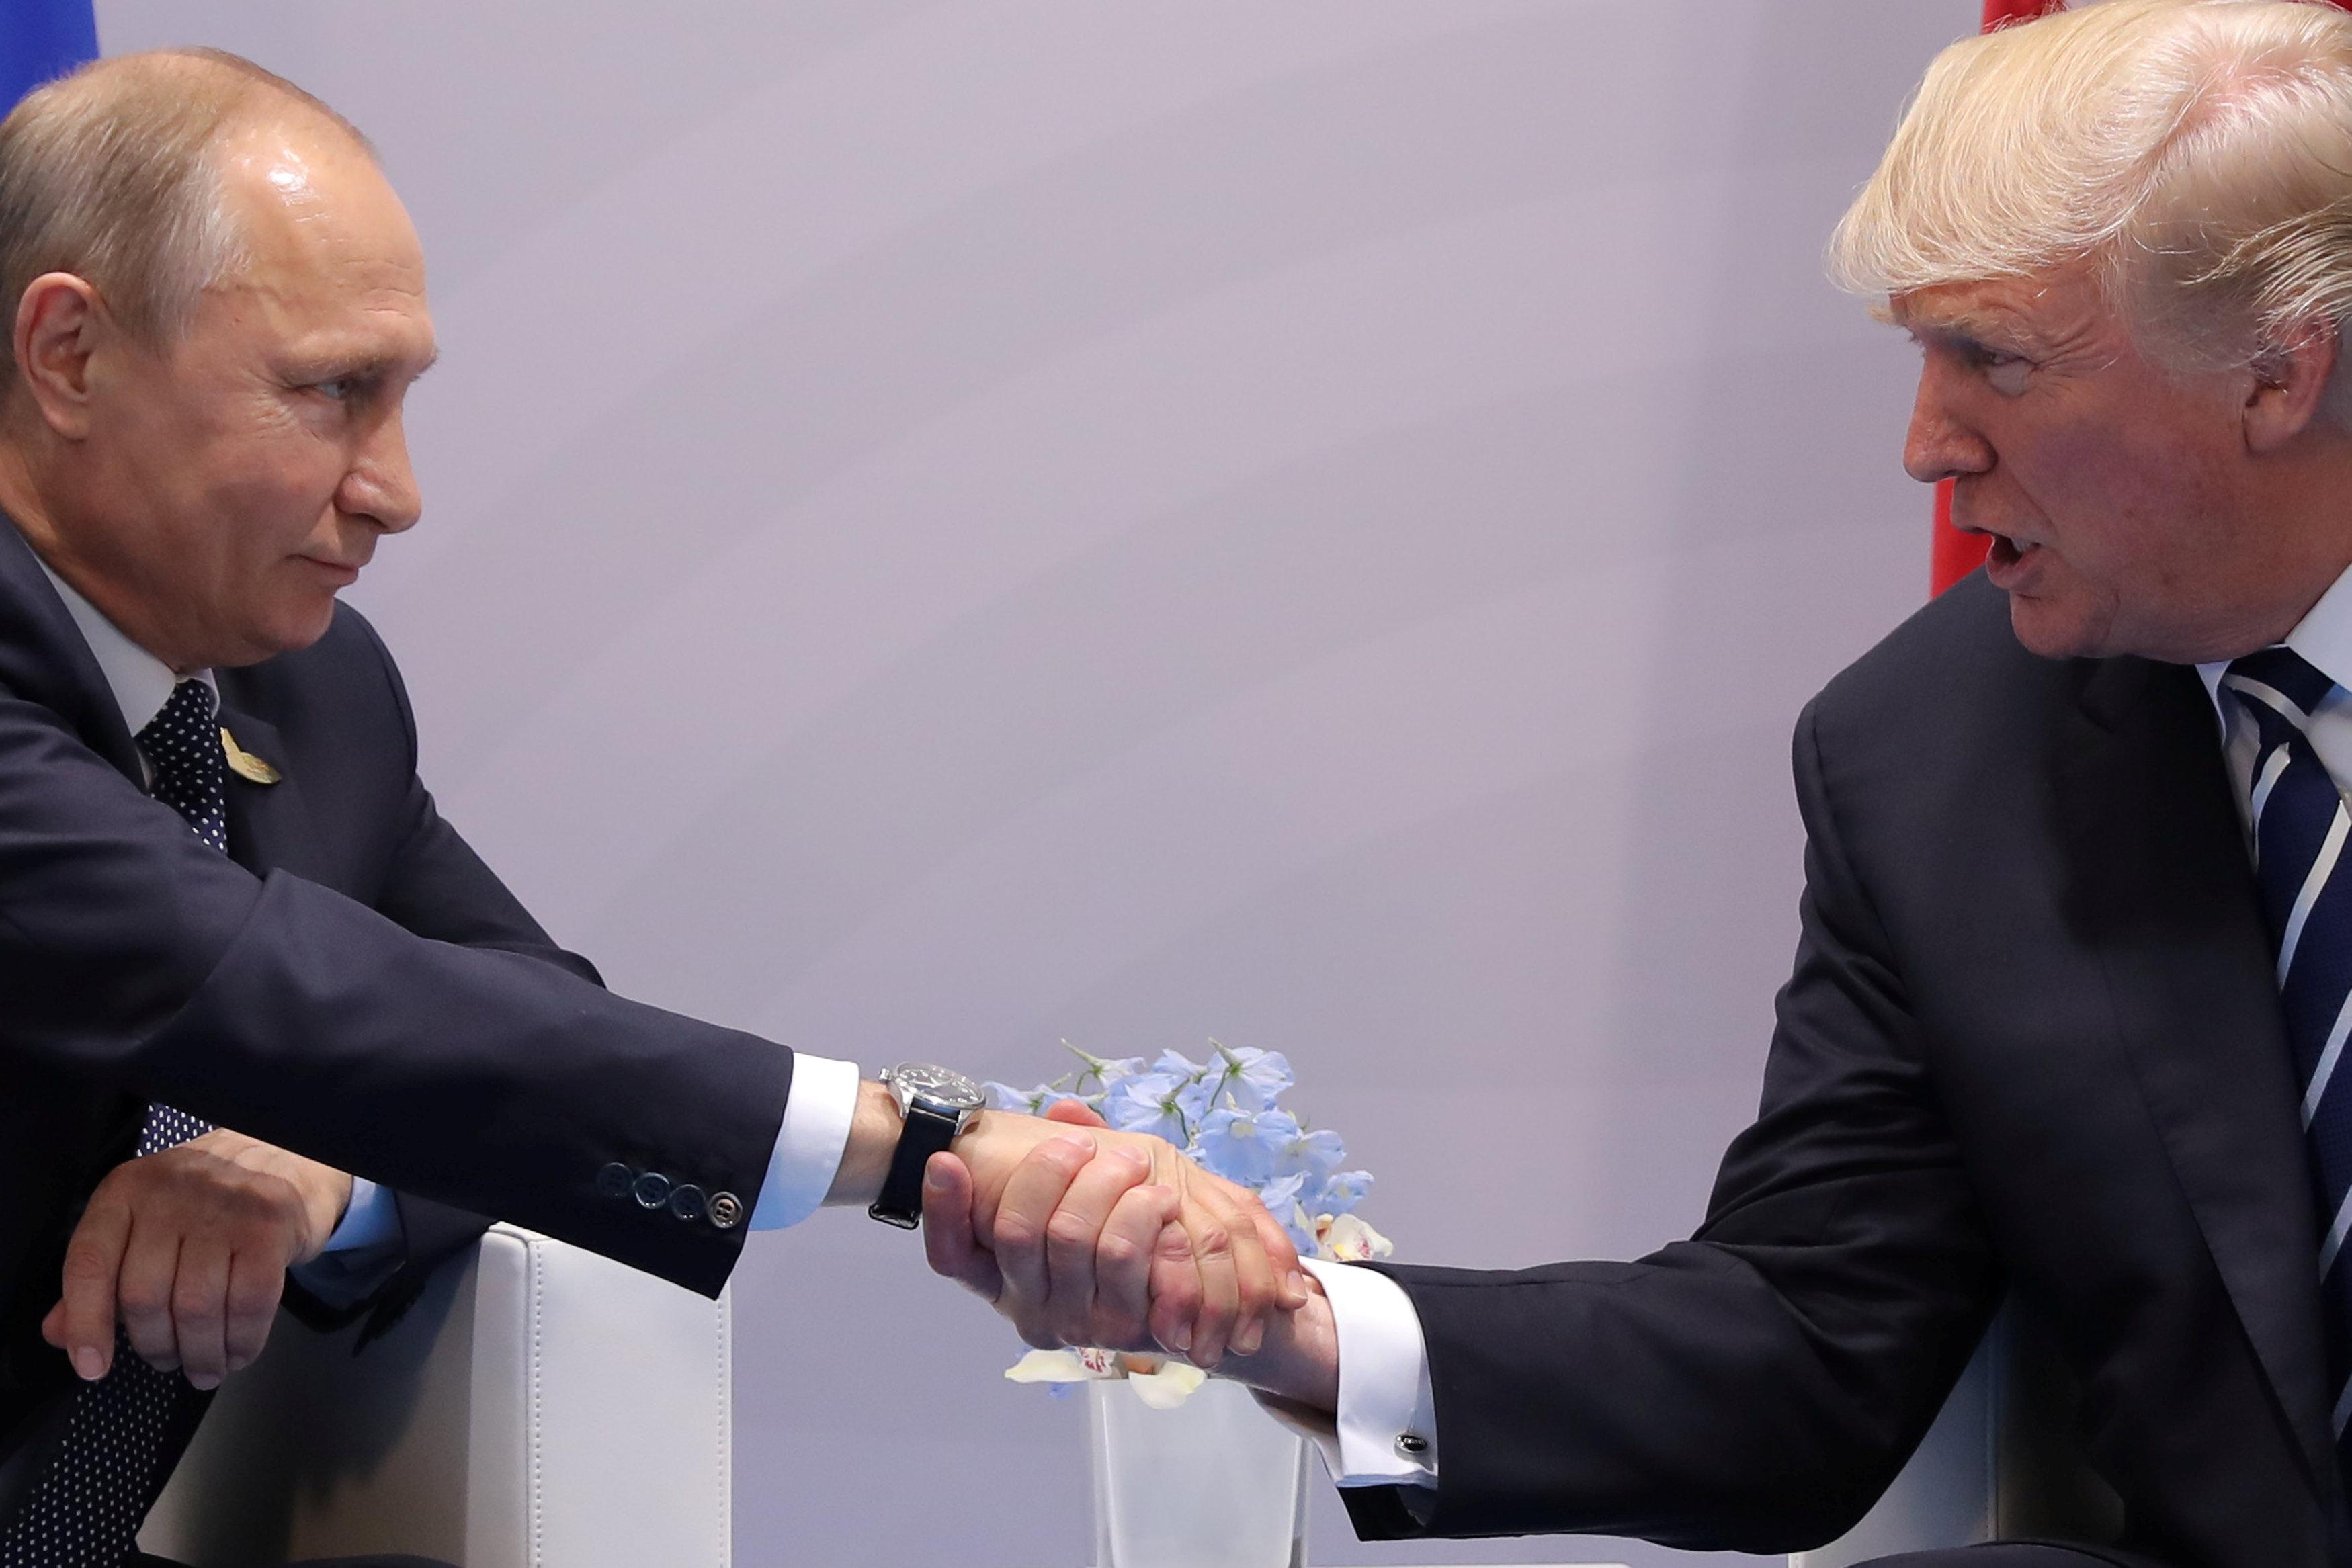 G20- Αμβούργο: Οι χειραψίες, η φιλαρμονική, οι συμφωνίες και οι διαδηλώσεις